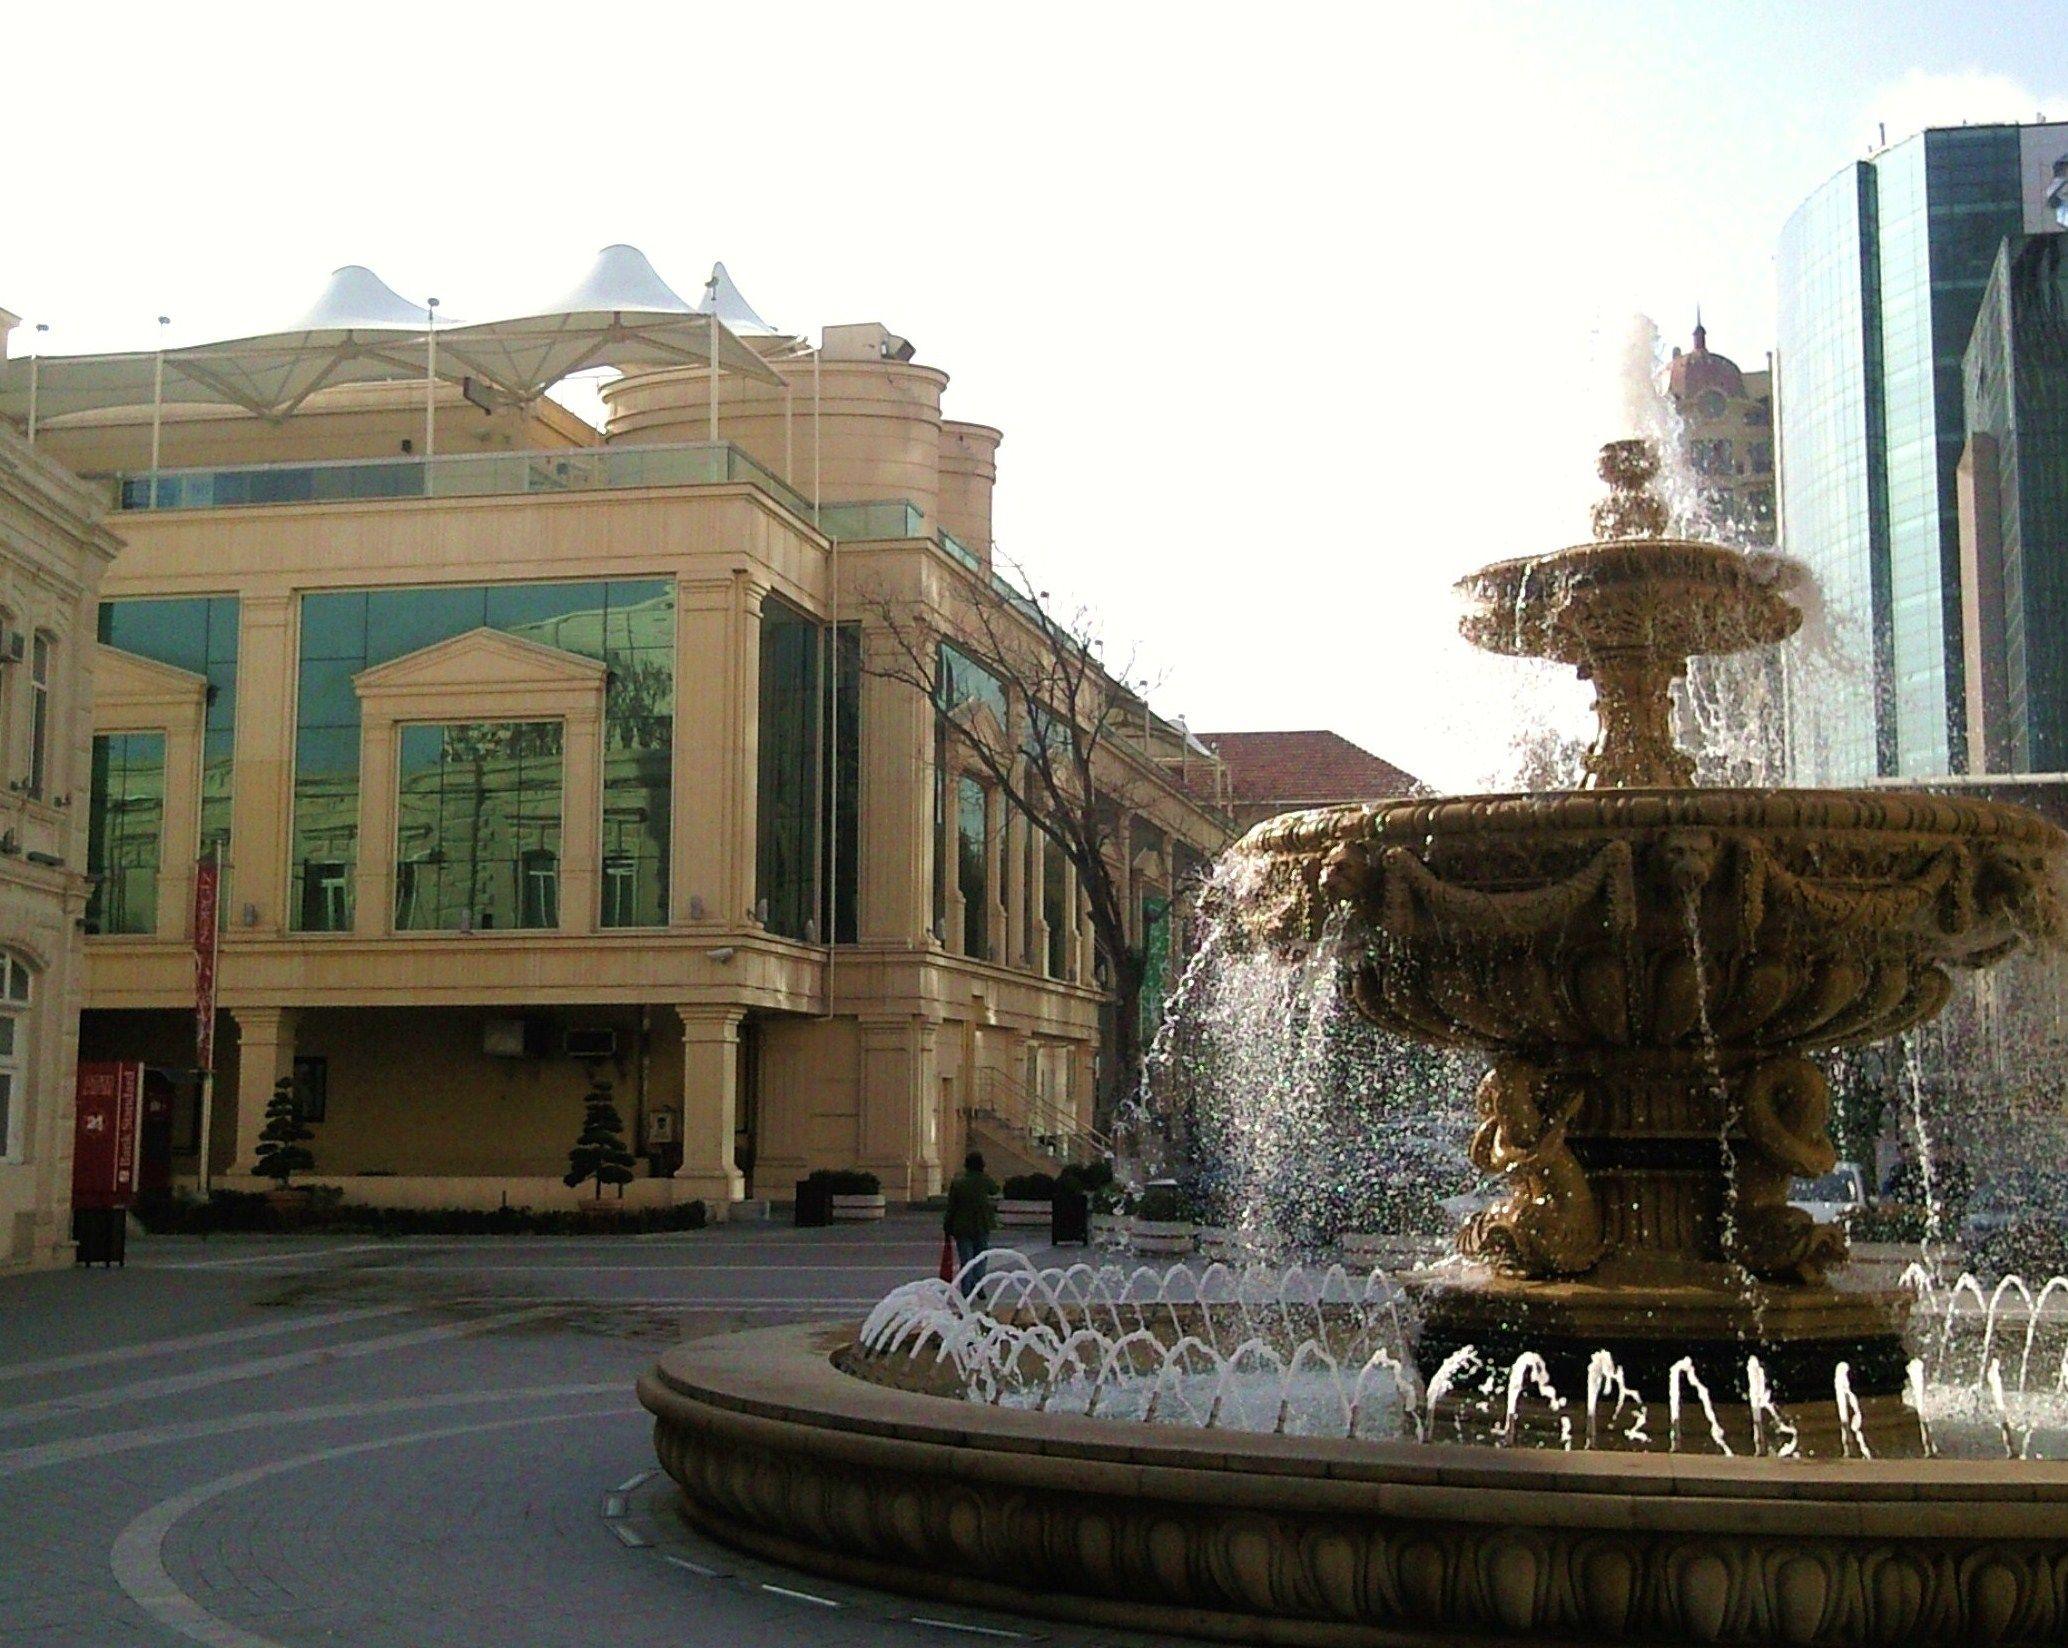 Nargiz Trade Center Baku Azerbaijan Baku Azerbaijan Baku Azerbaijan